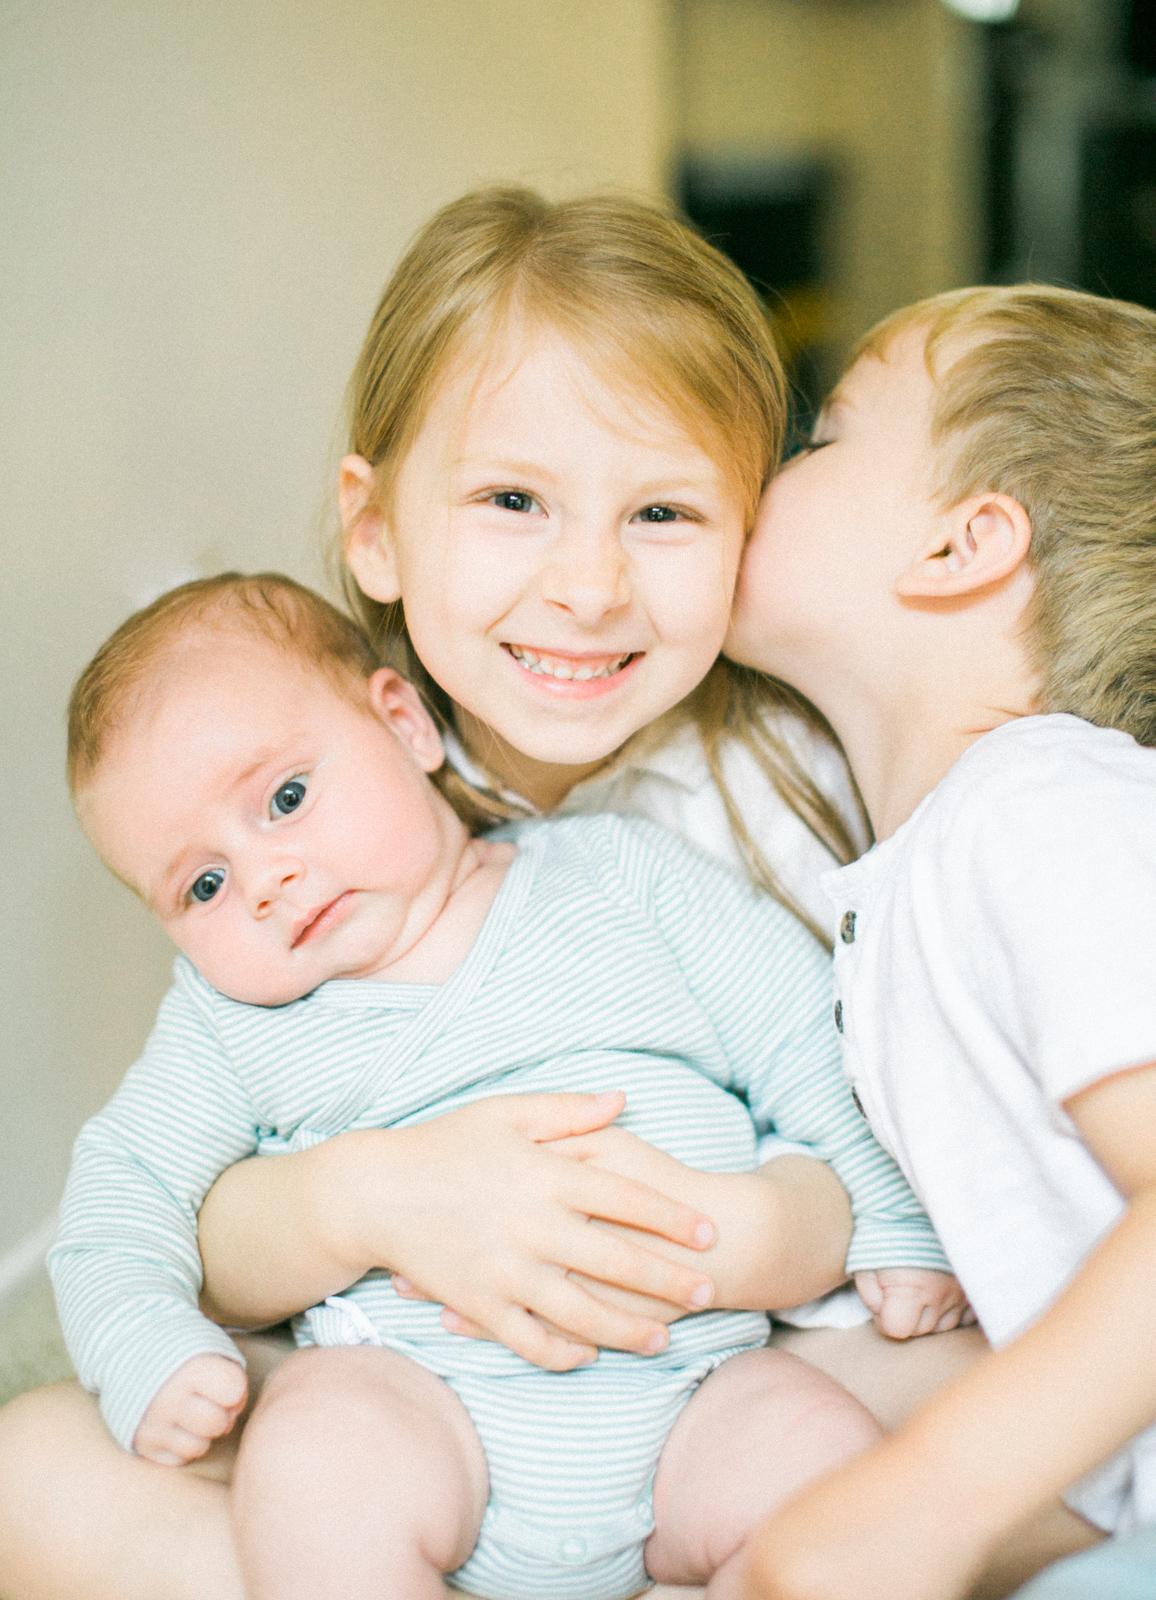 boise-newborn-photographer-6.jpg